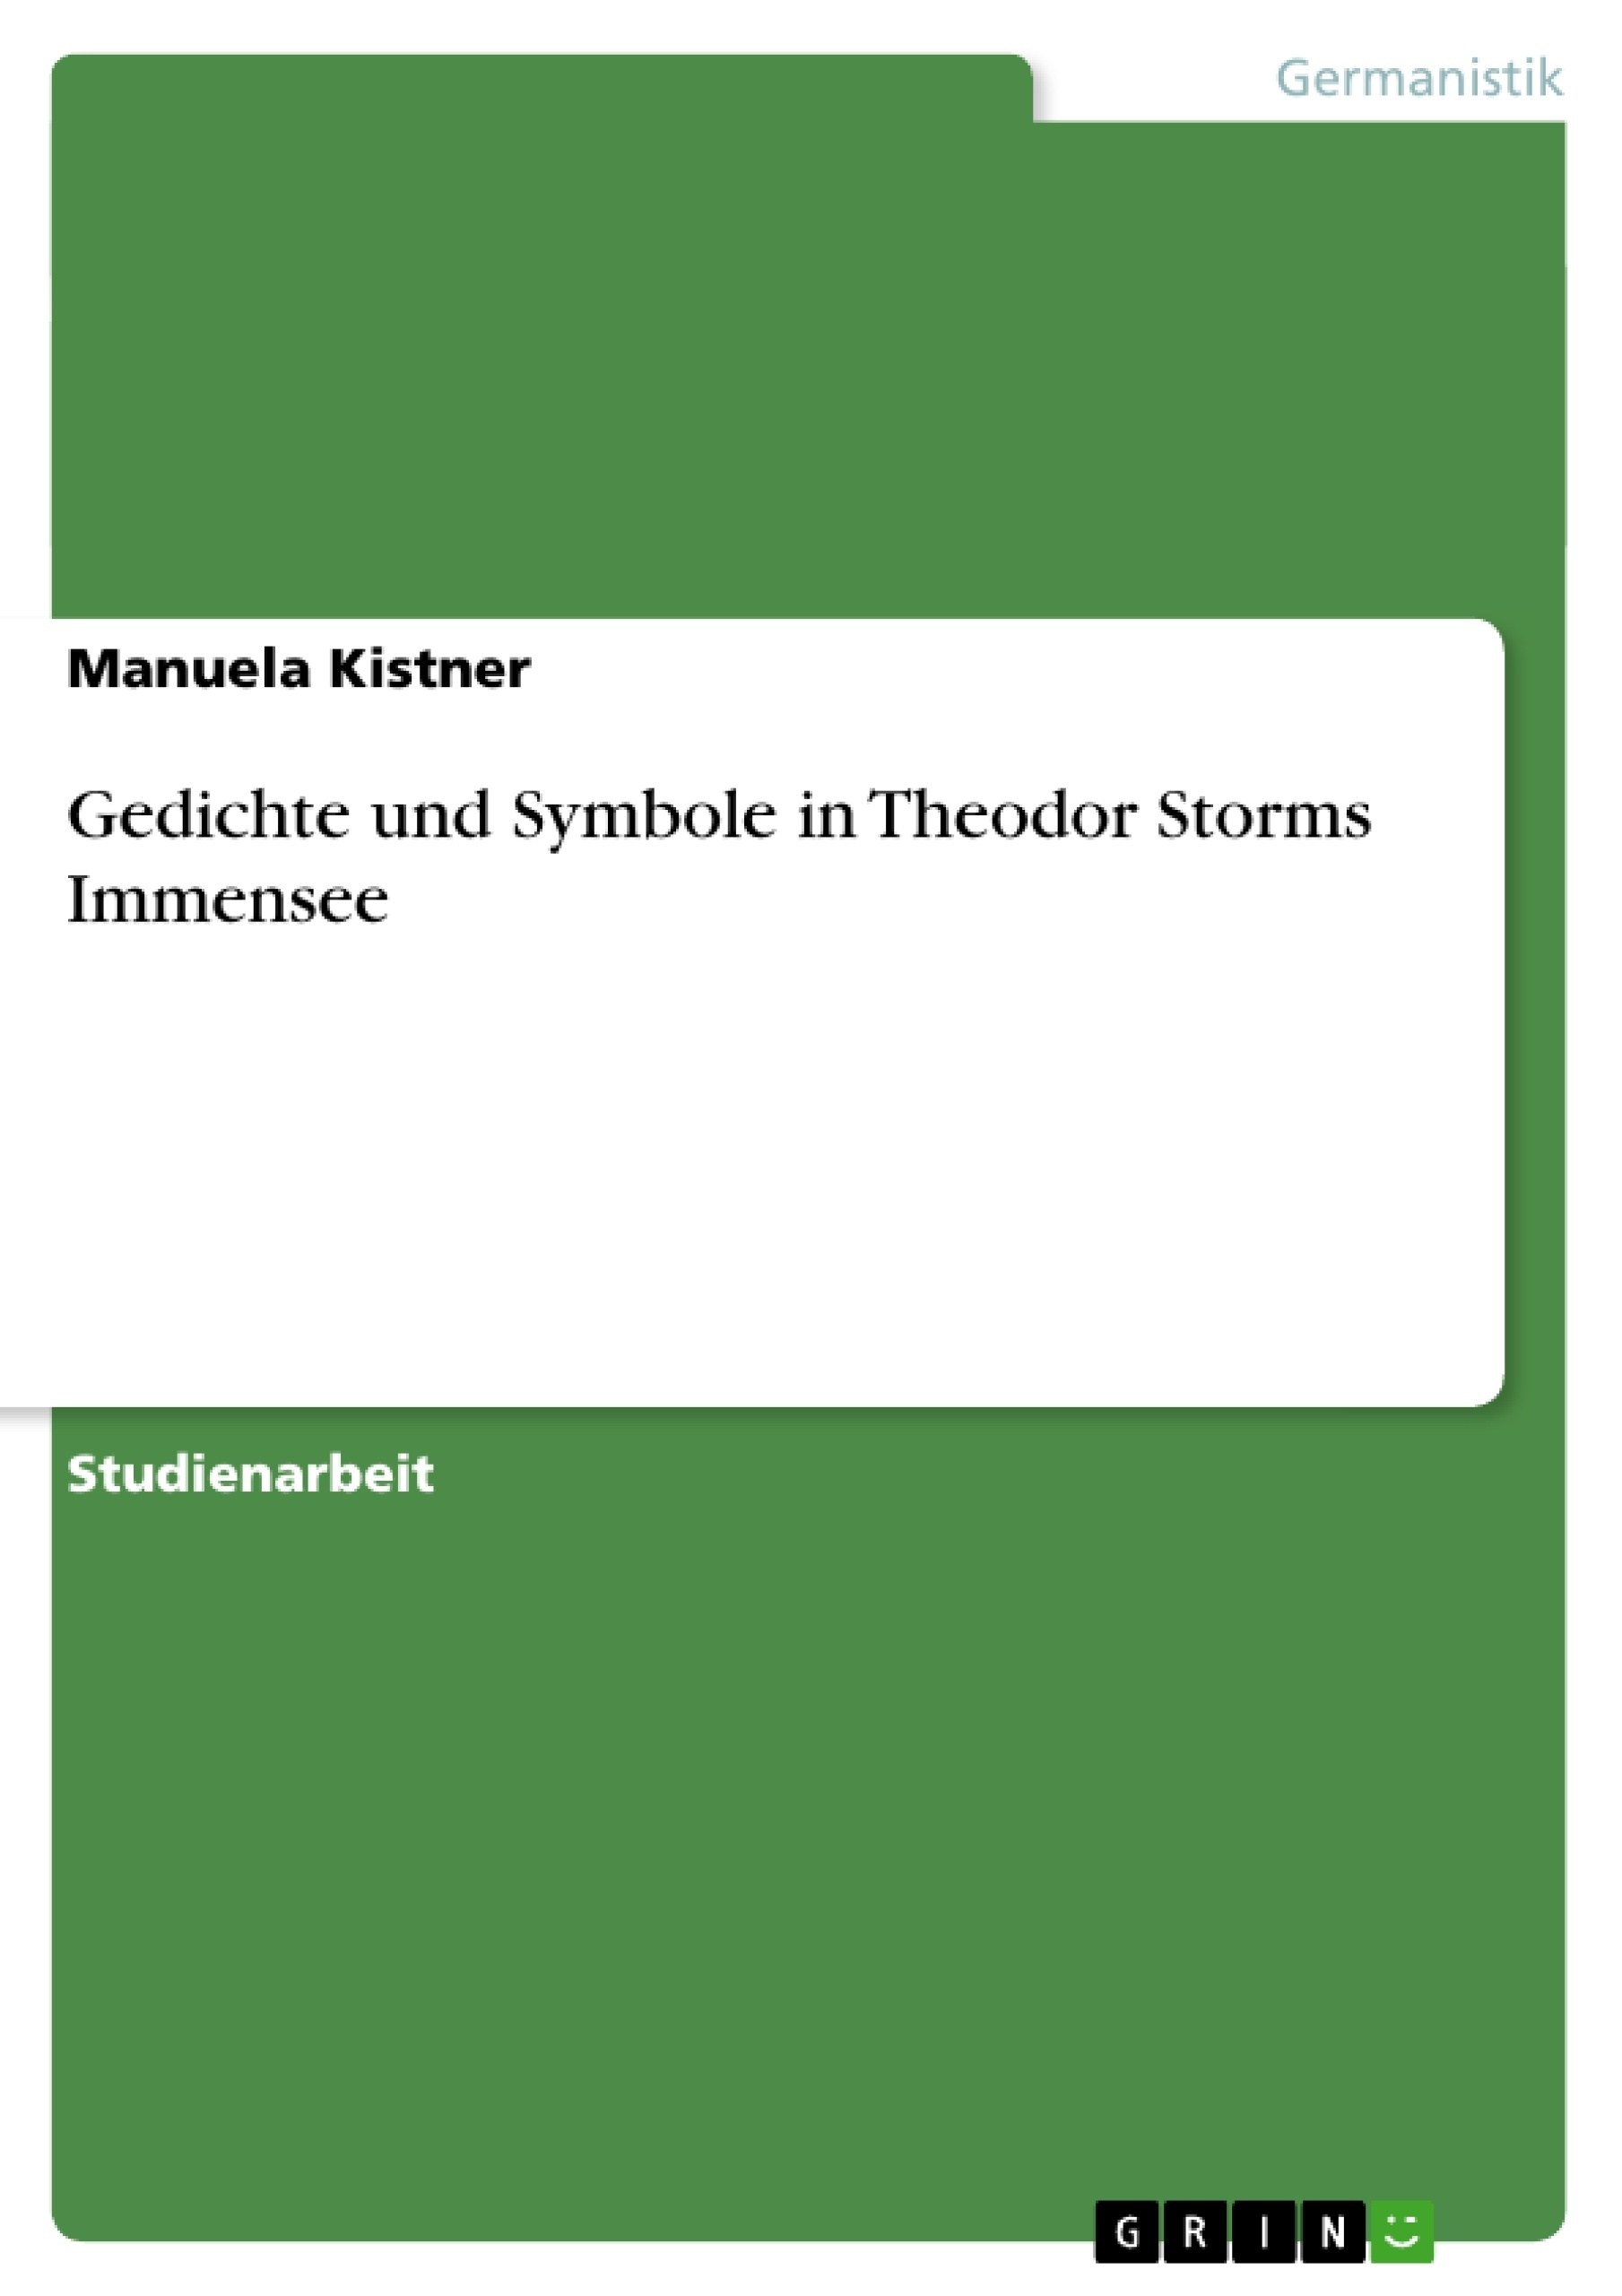 Titel: Gedichte und Symbole in Theodor Storms Immensee